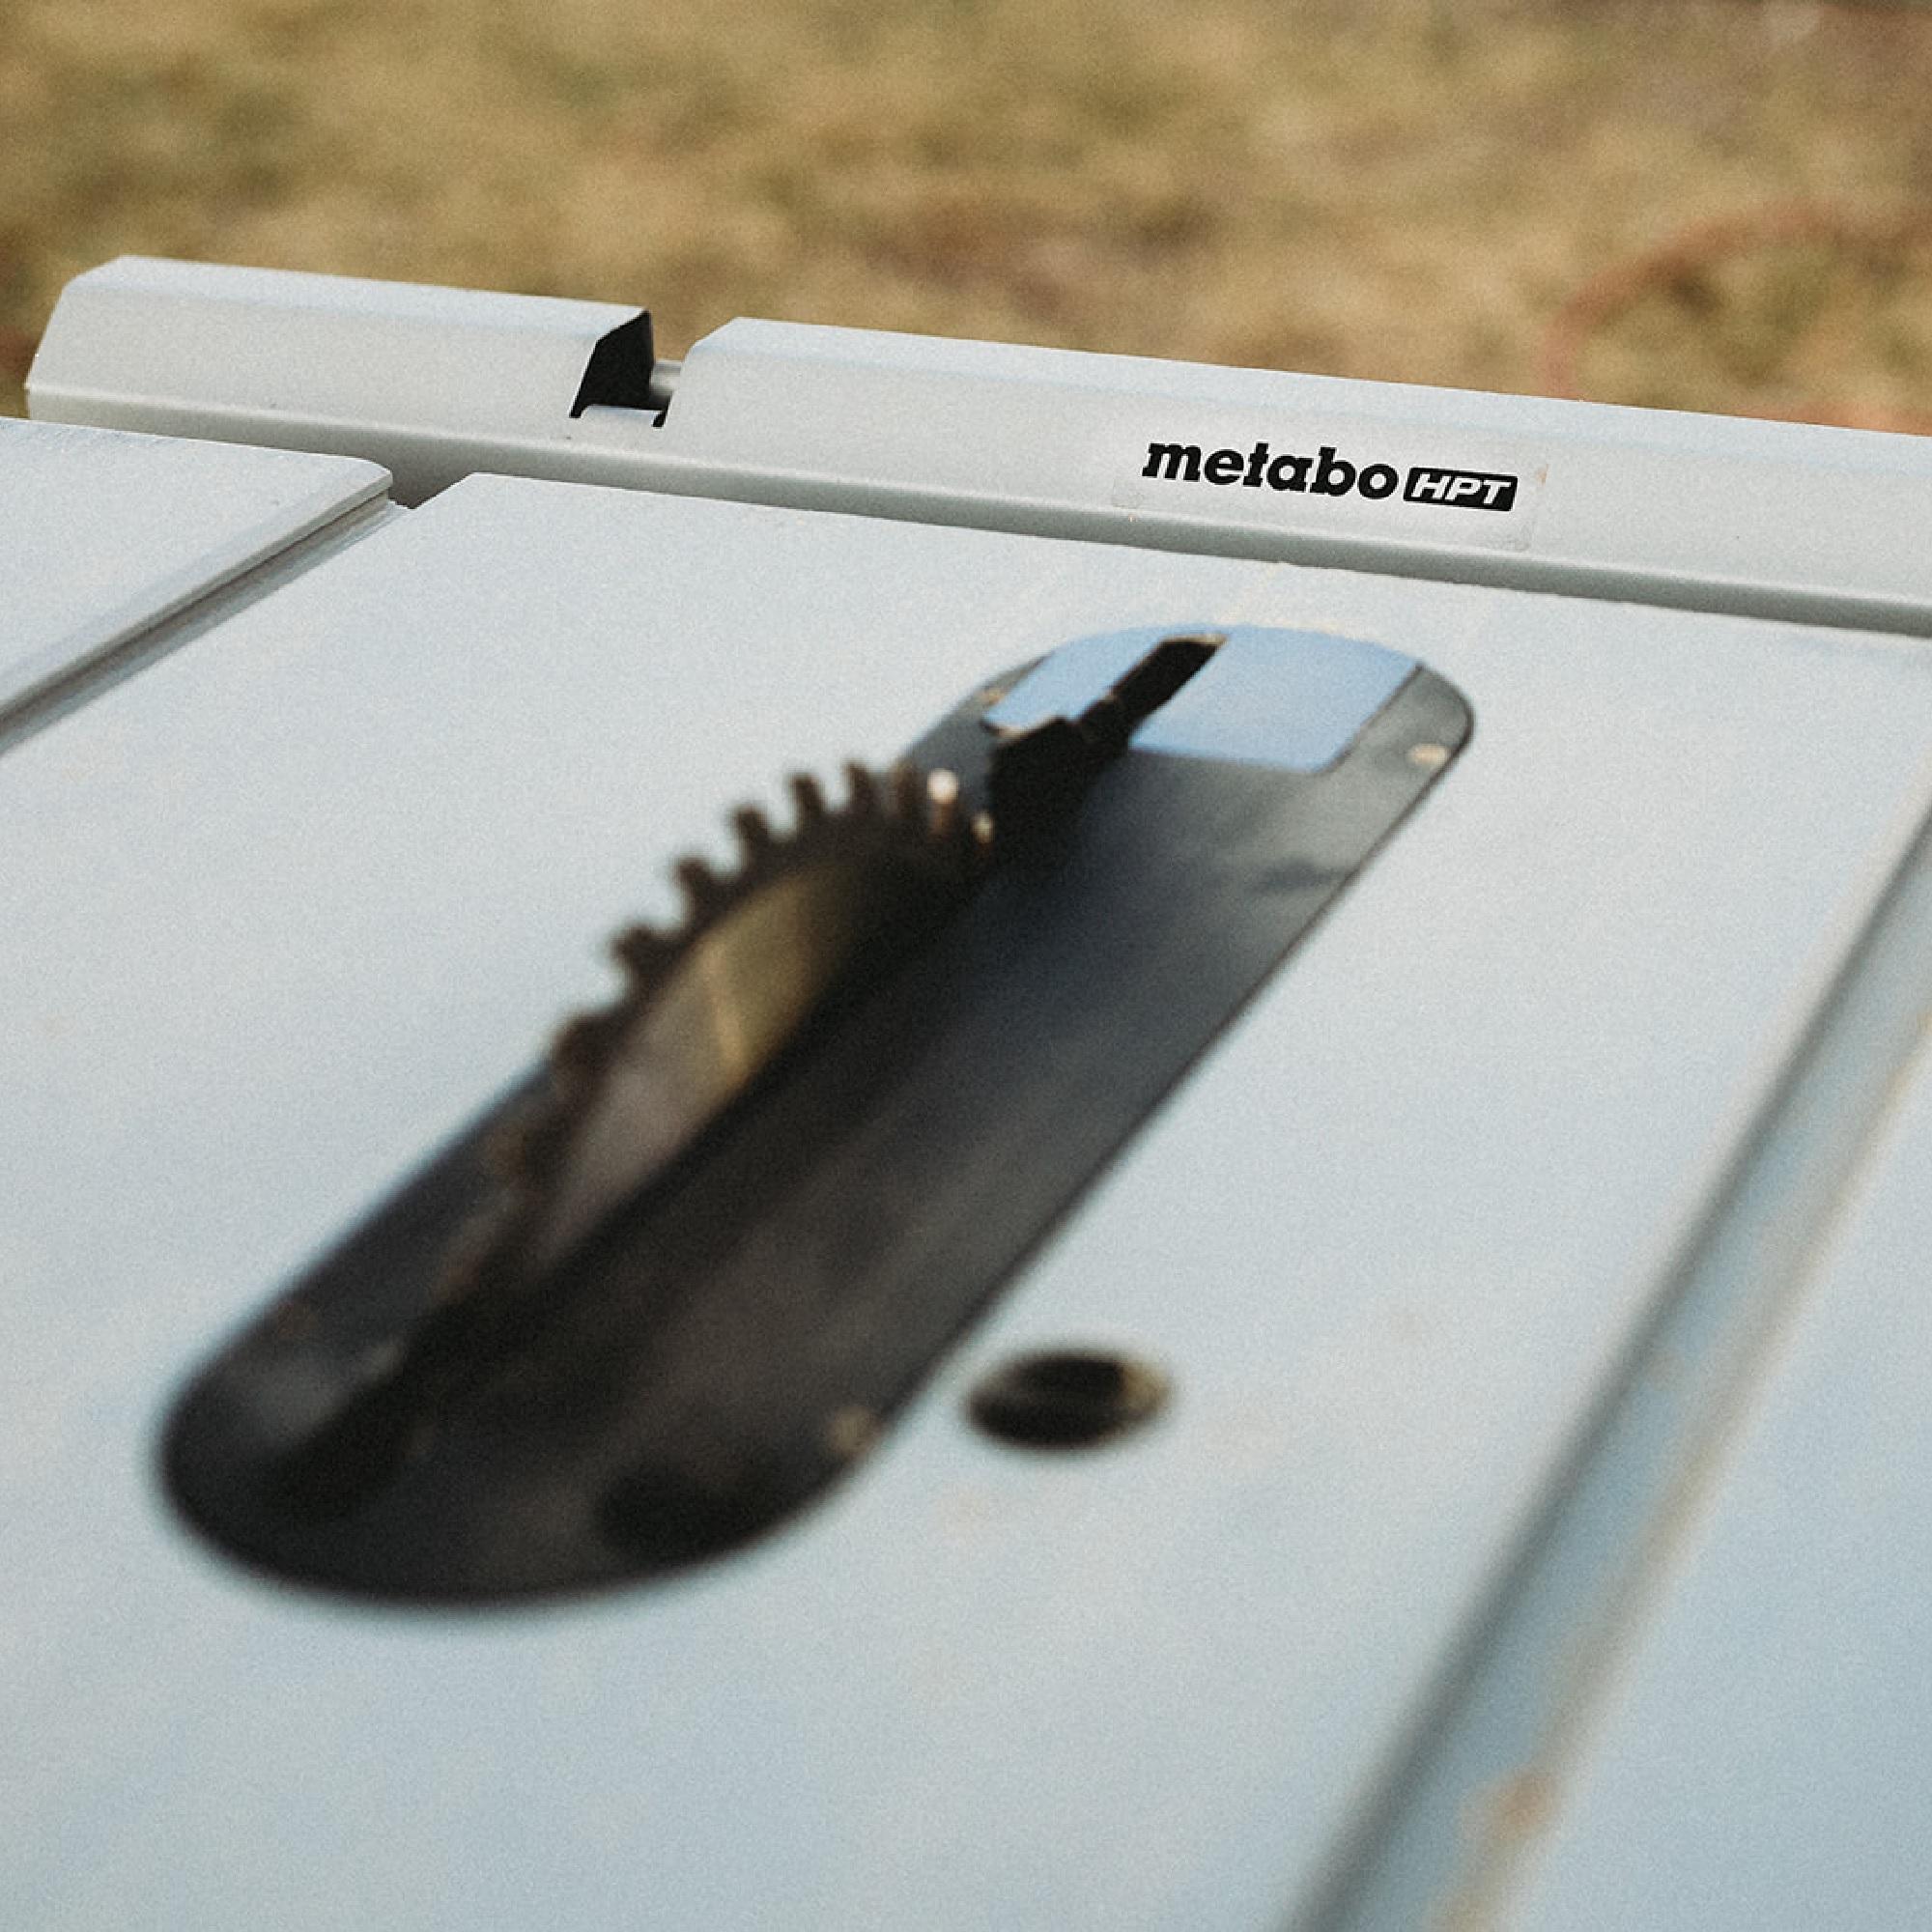 C3610DRJQ4 - Blade